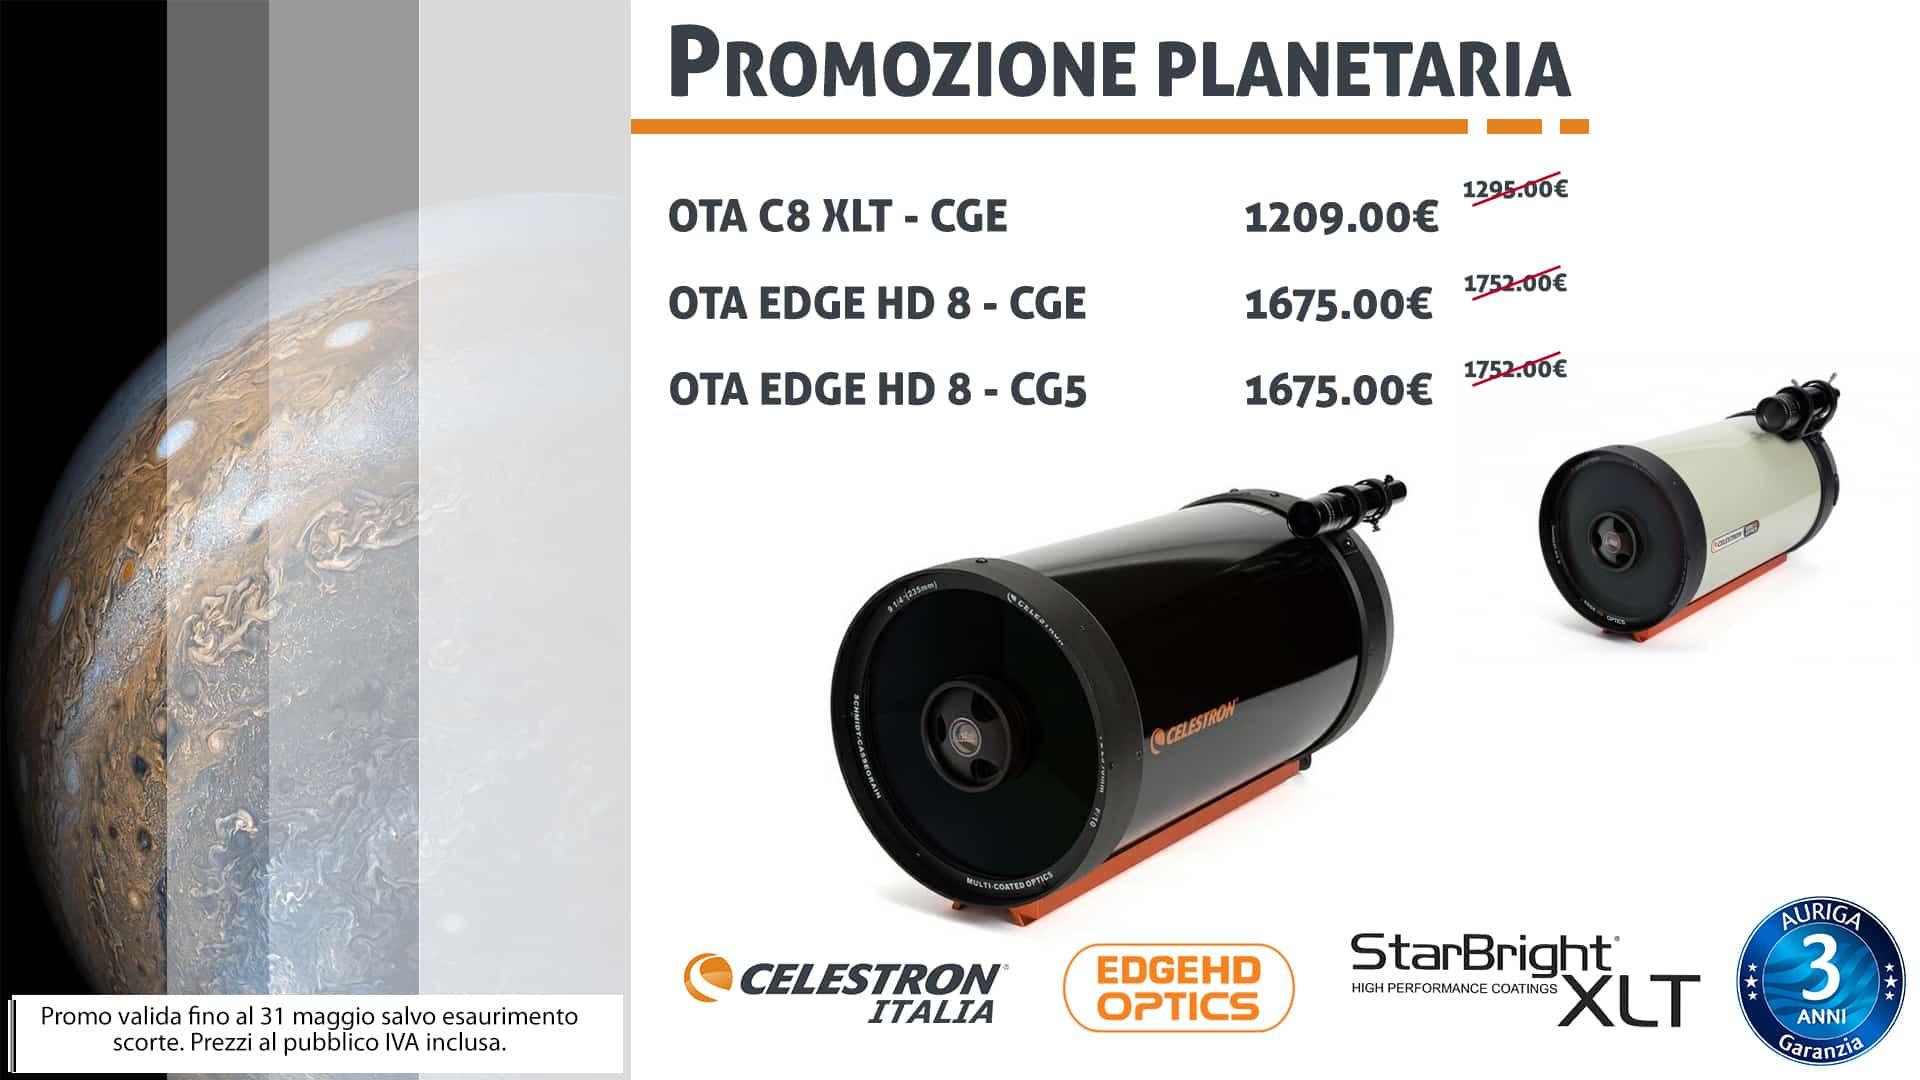 Promozione Planetaria Celestron C8 XLT & Edge HD 8